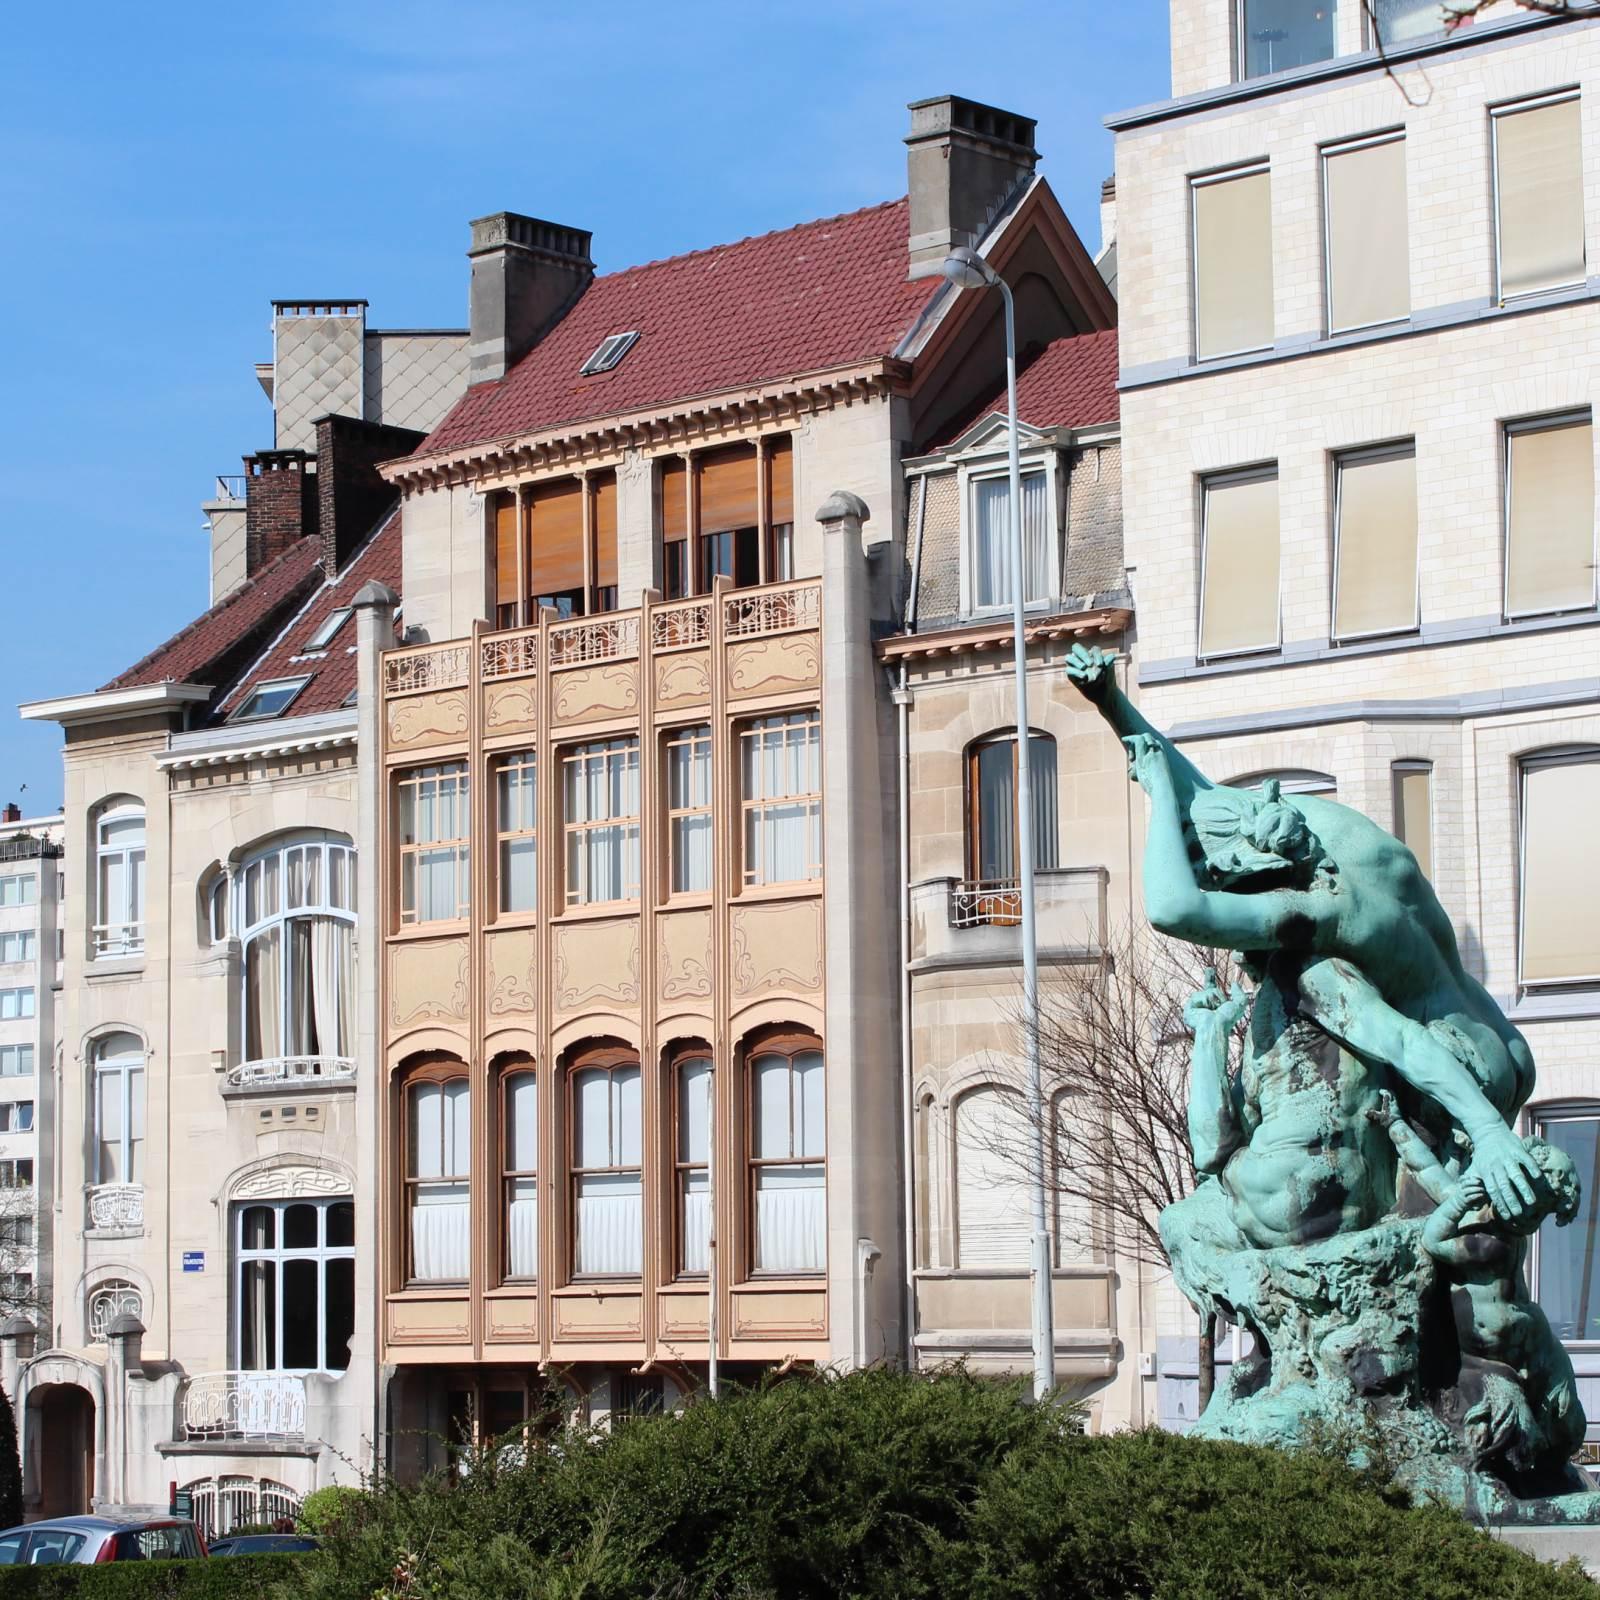 Hotel_van_Eetvelde_2012-06_--1.jpg?1536746070